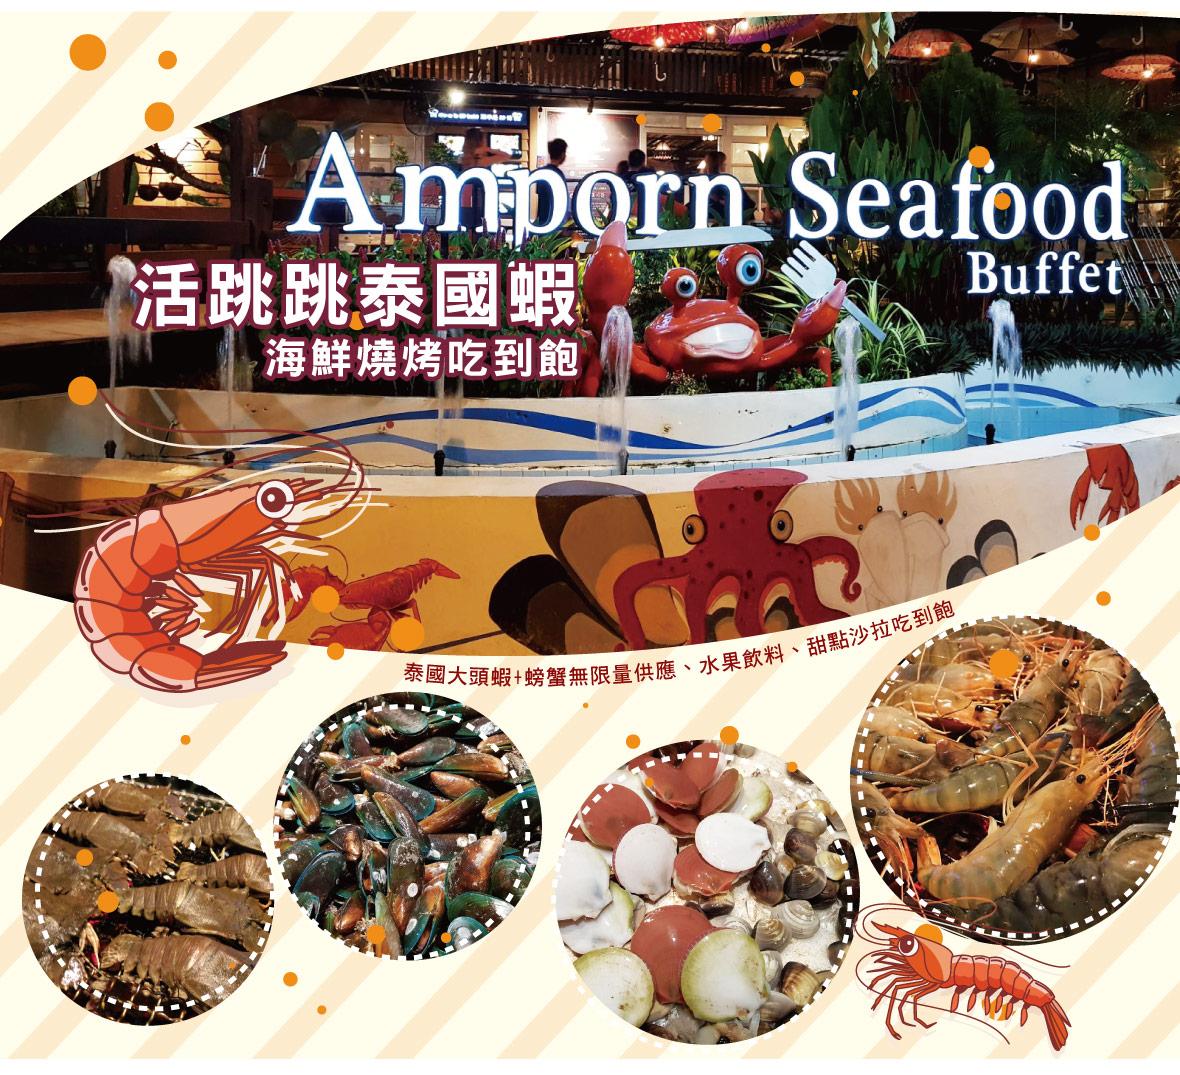 AMPORN海鮮燒烤吃到飽+軟性飲料喝到飽